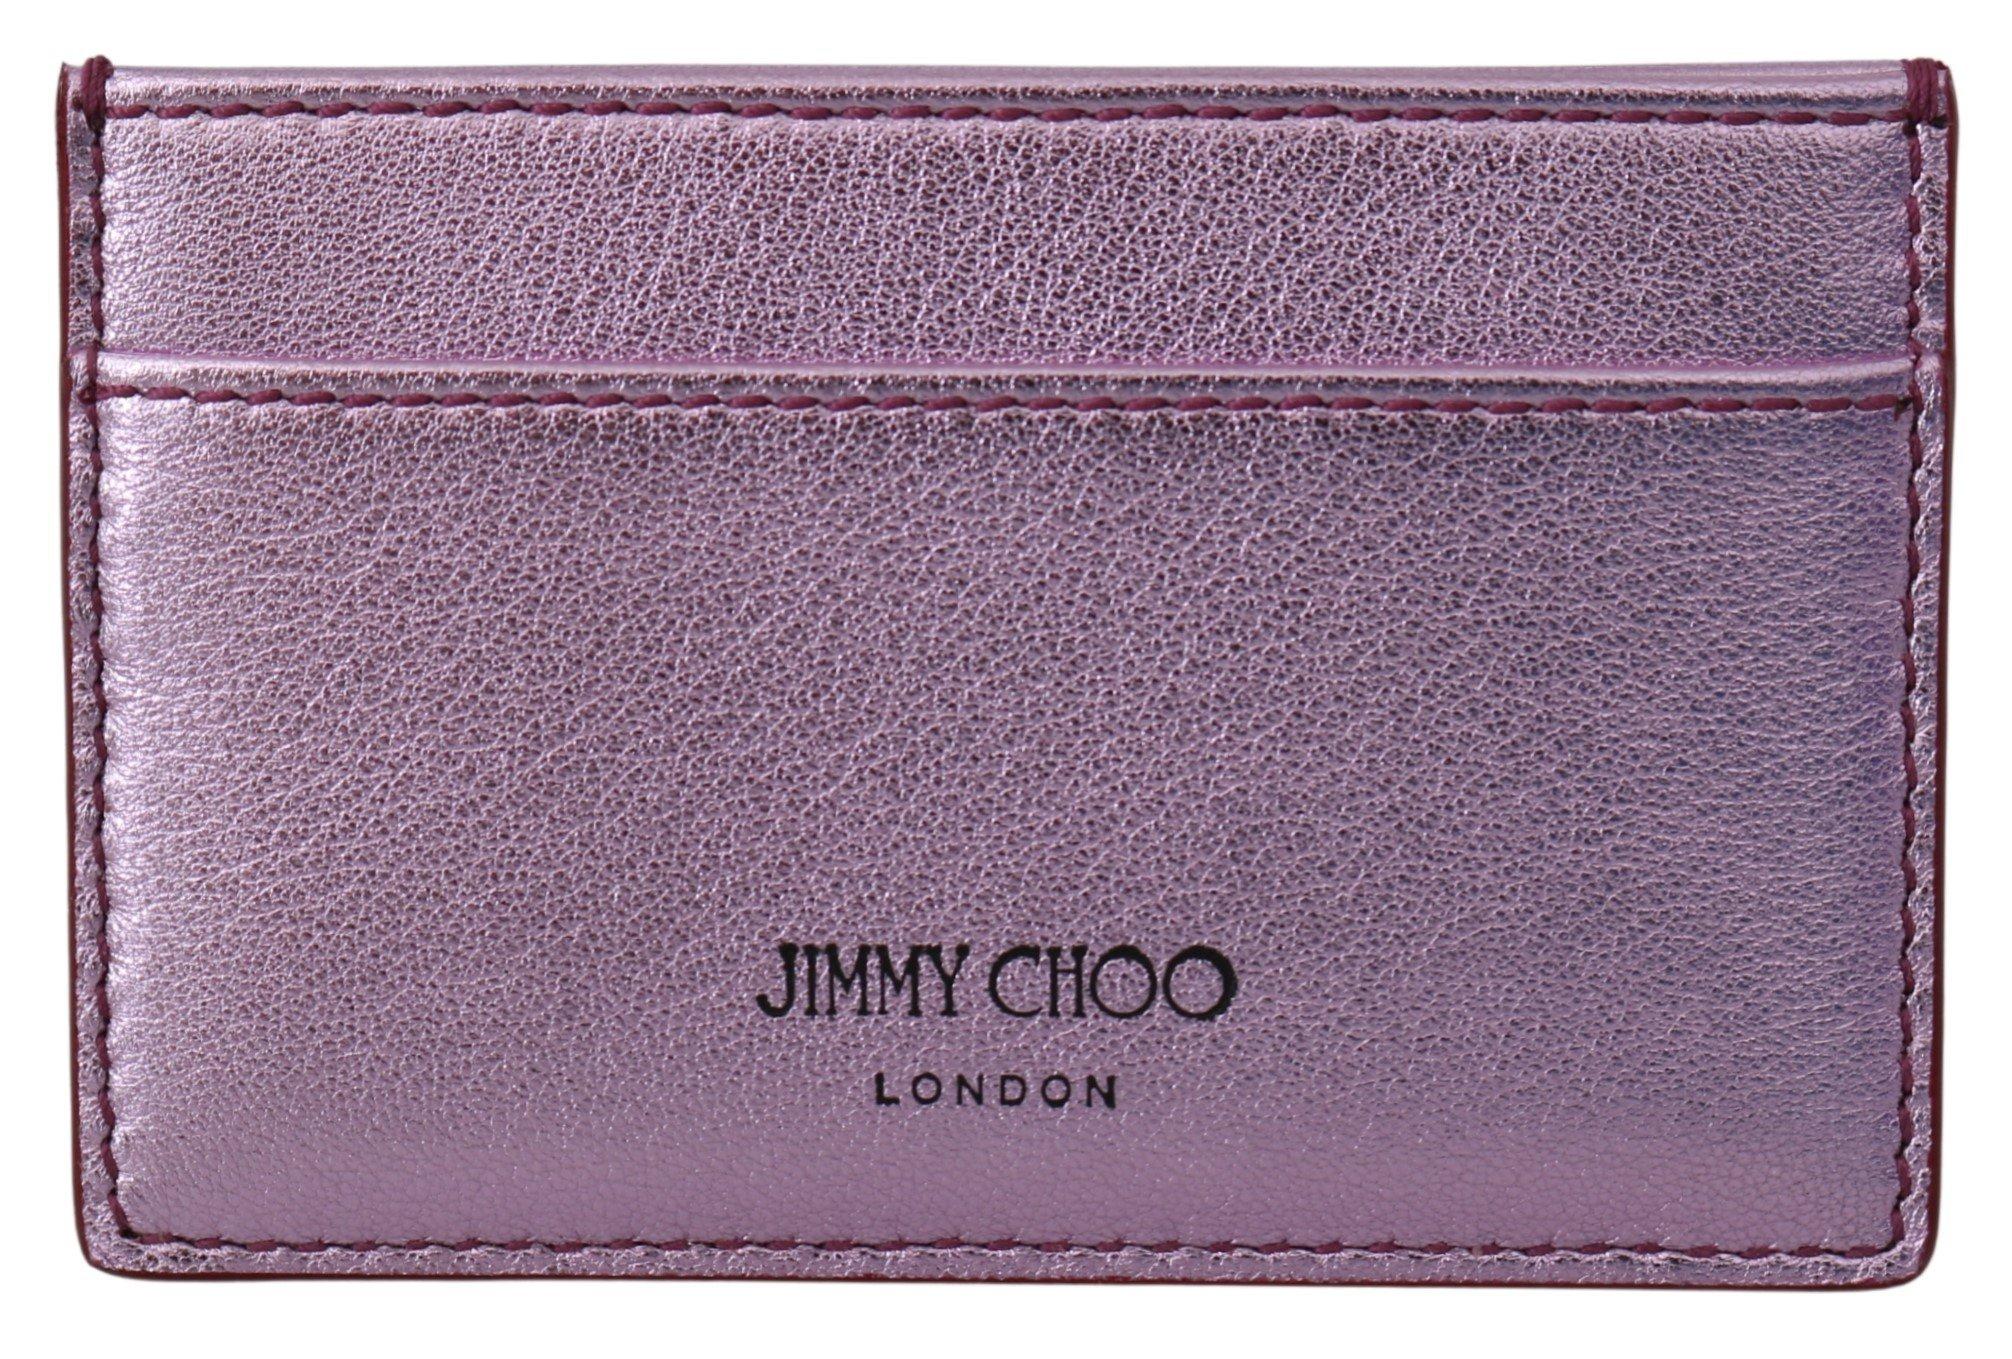 Jimmy Choo Women's Aarna Card Slot Holder Purple 1435706